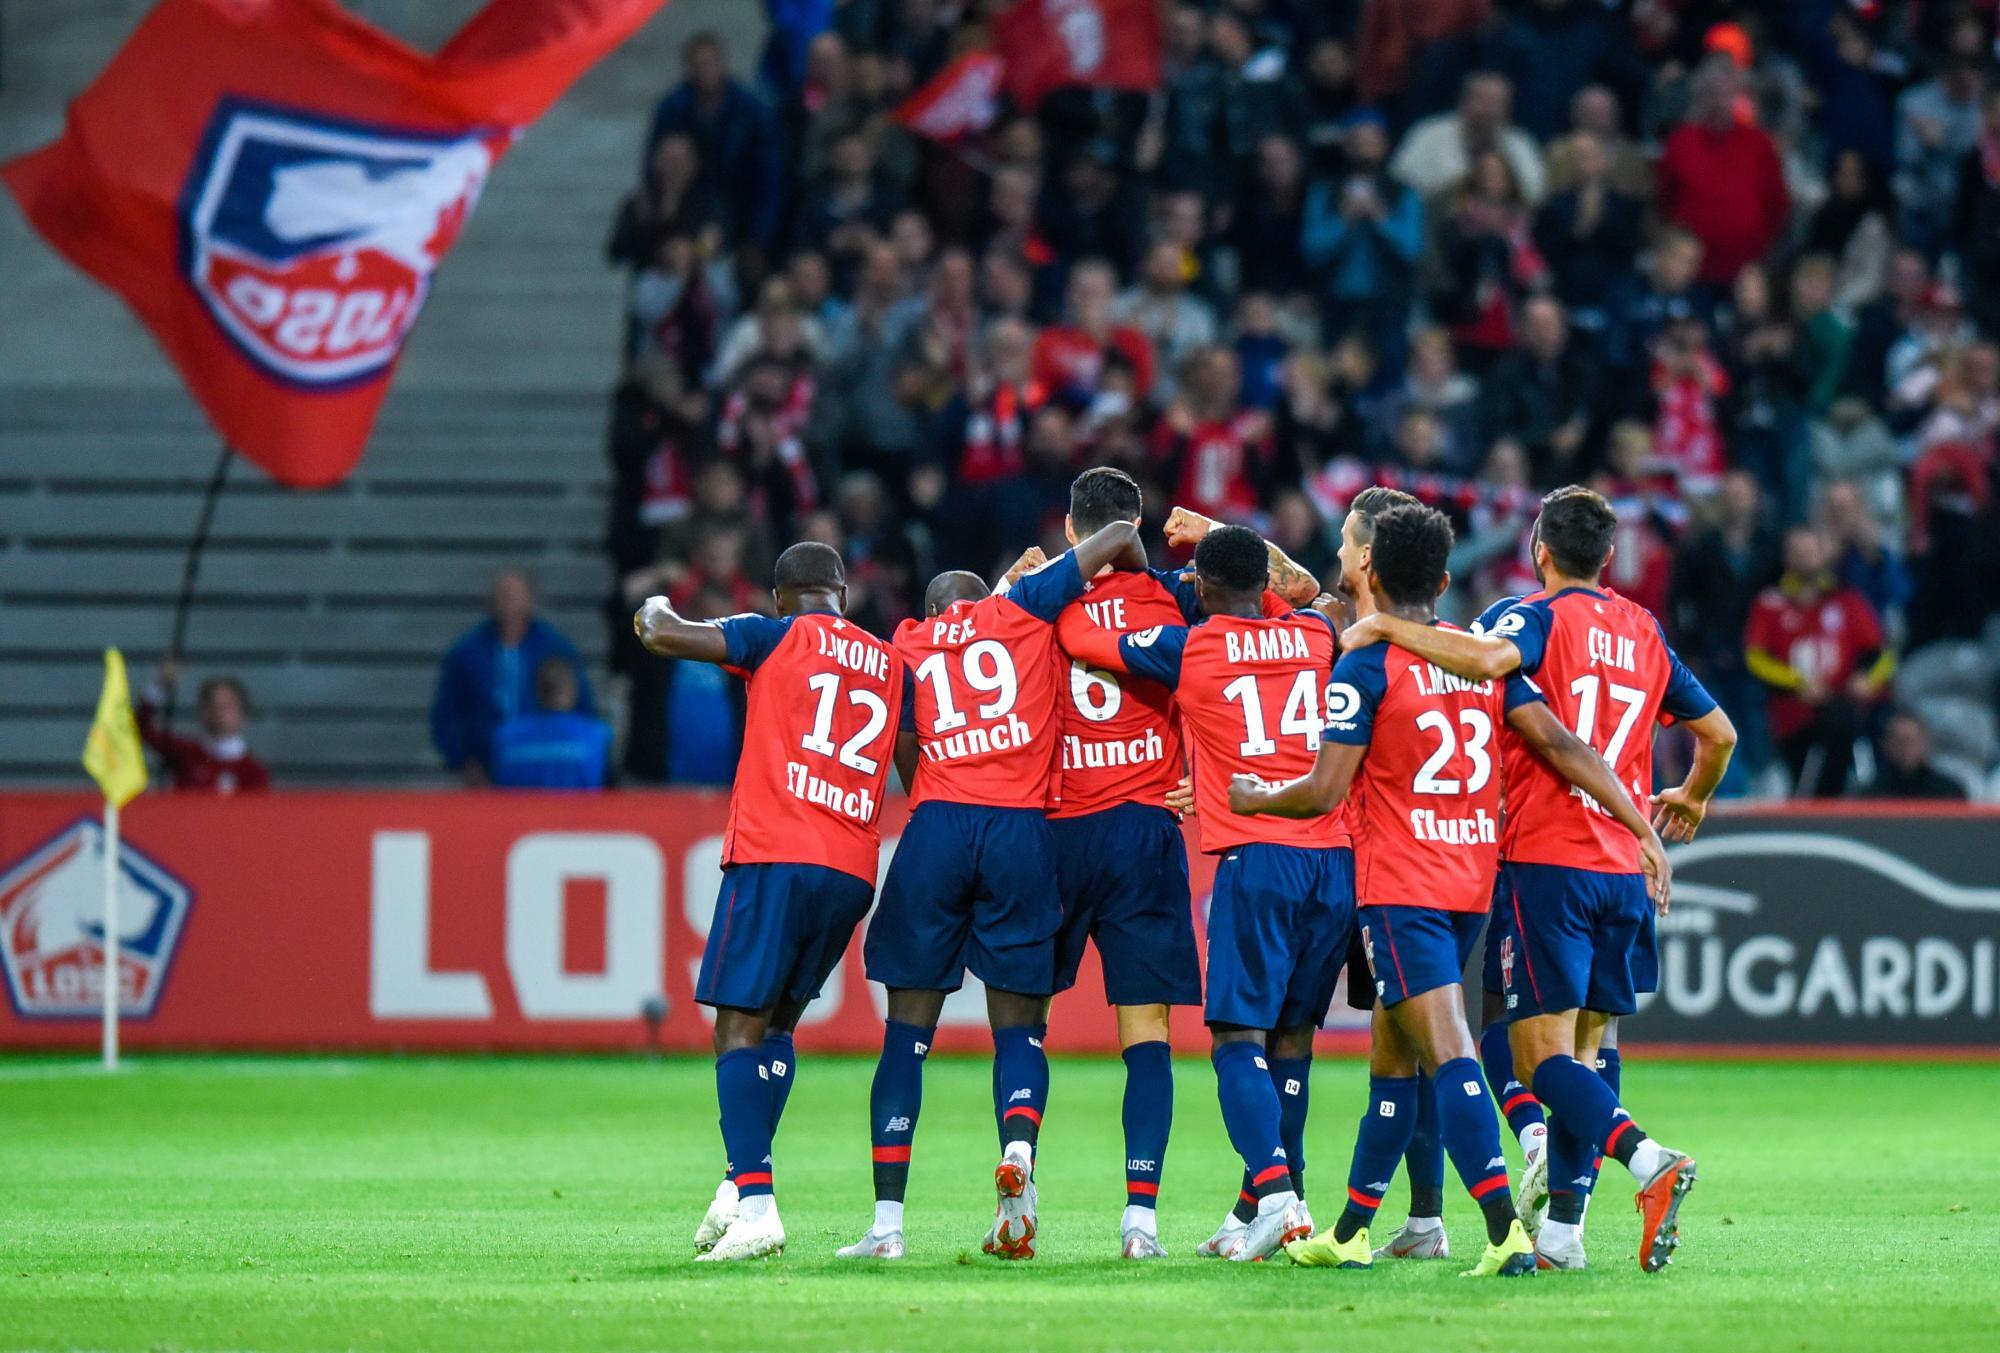 El Lille celebrando su pase a Champions (Foto: Lille OSC).